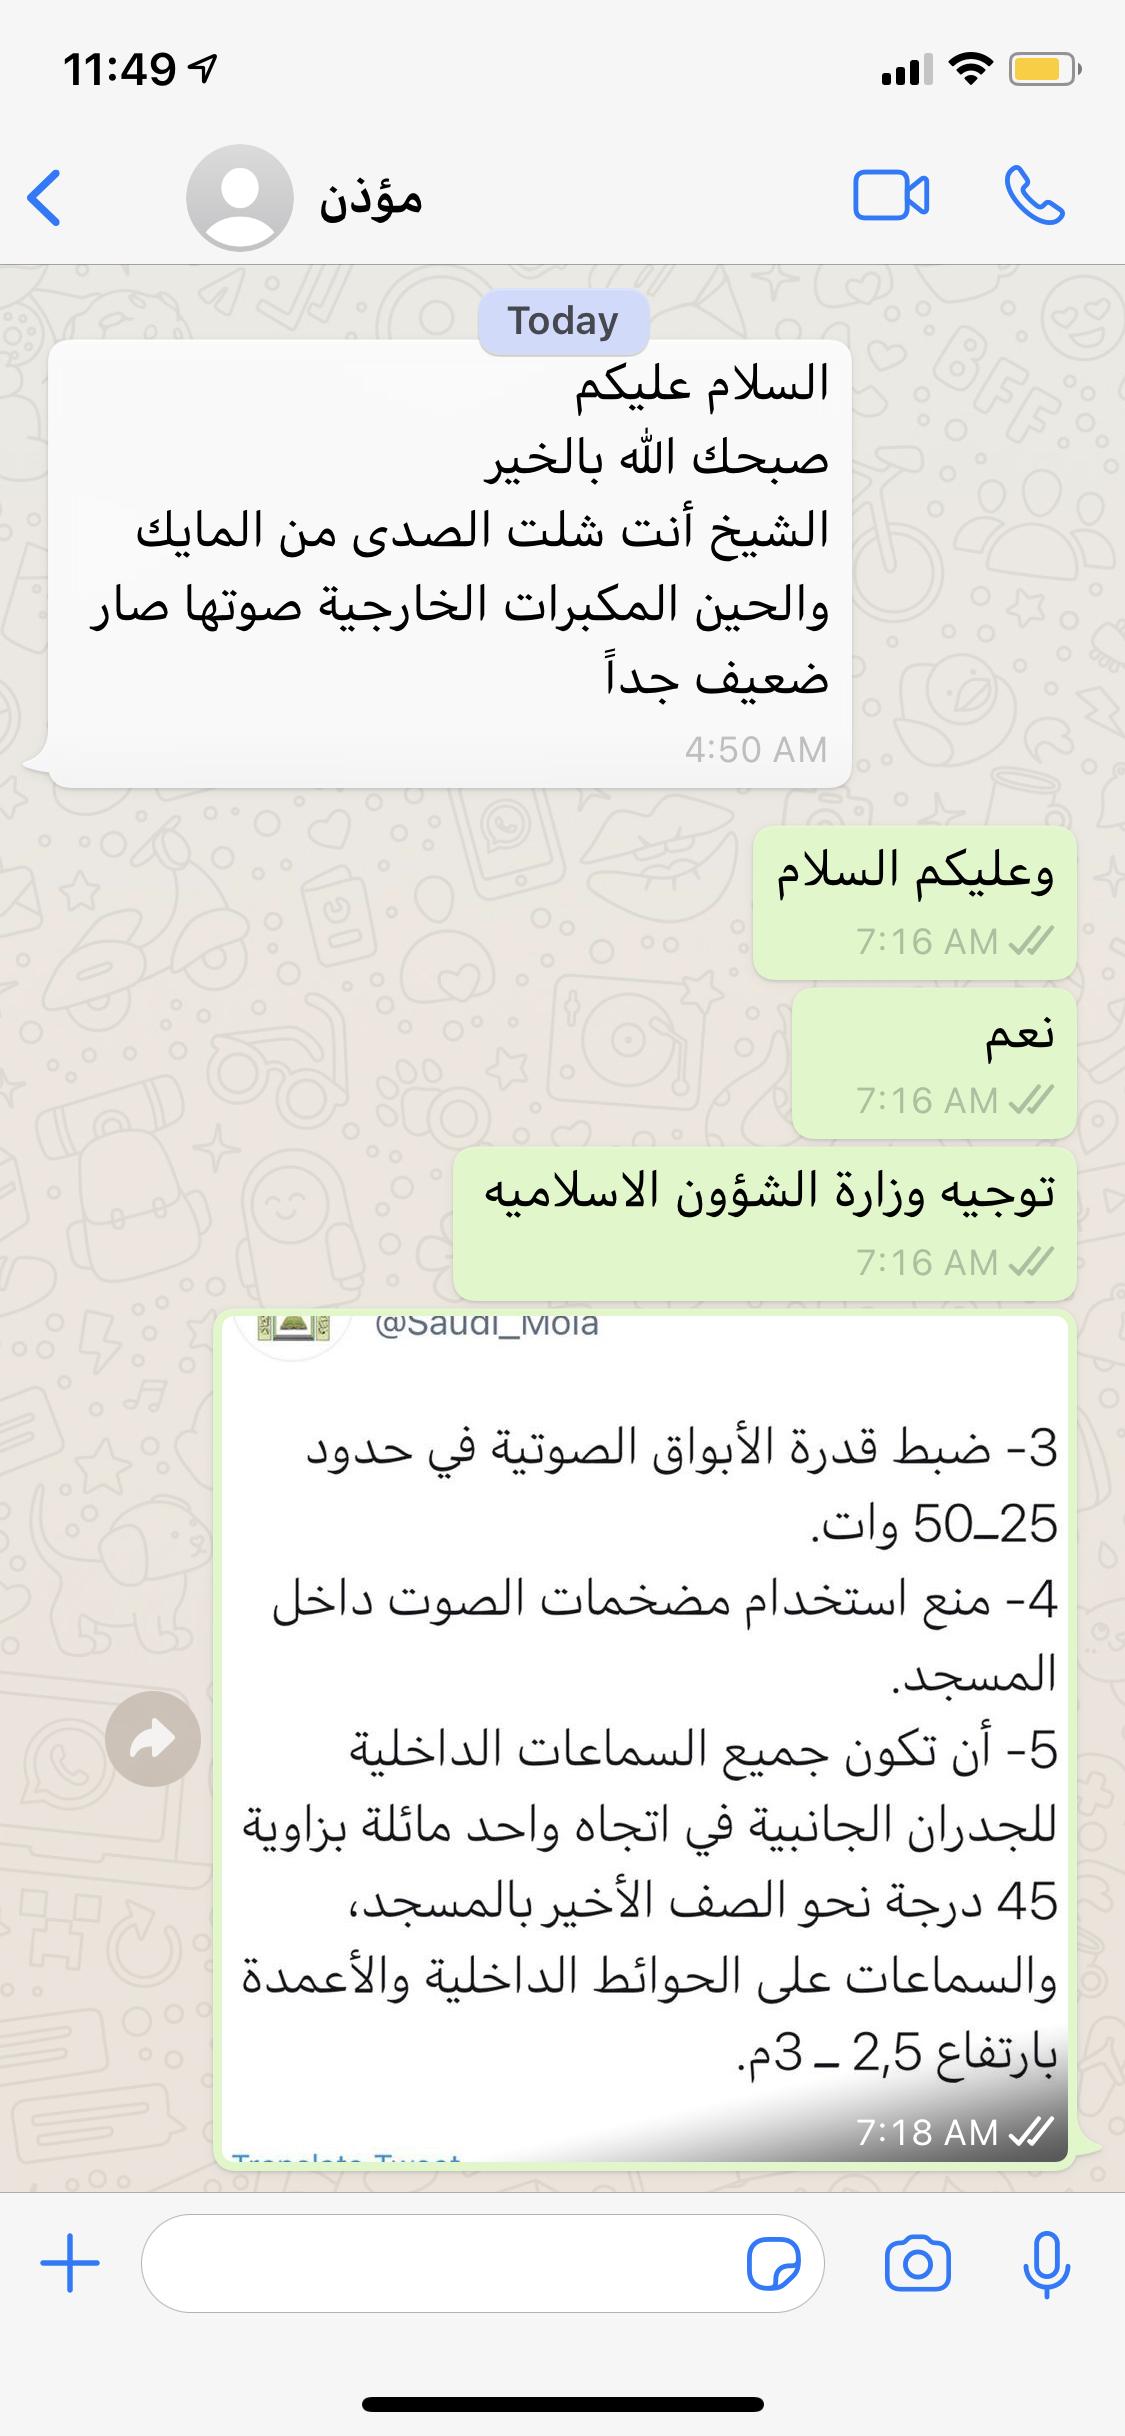 رد: توجيه من وزير الشؤون الإسلامية بشأن ضوابط مكبرات الصوت